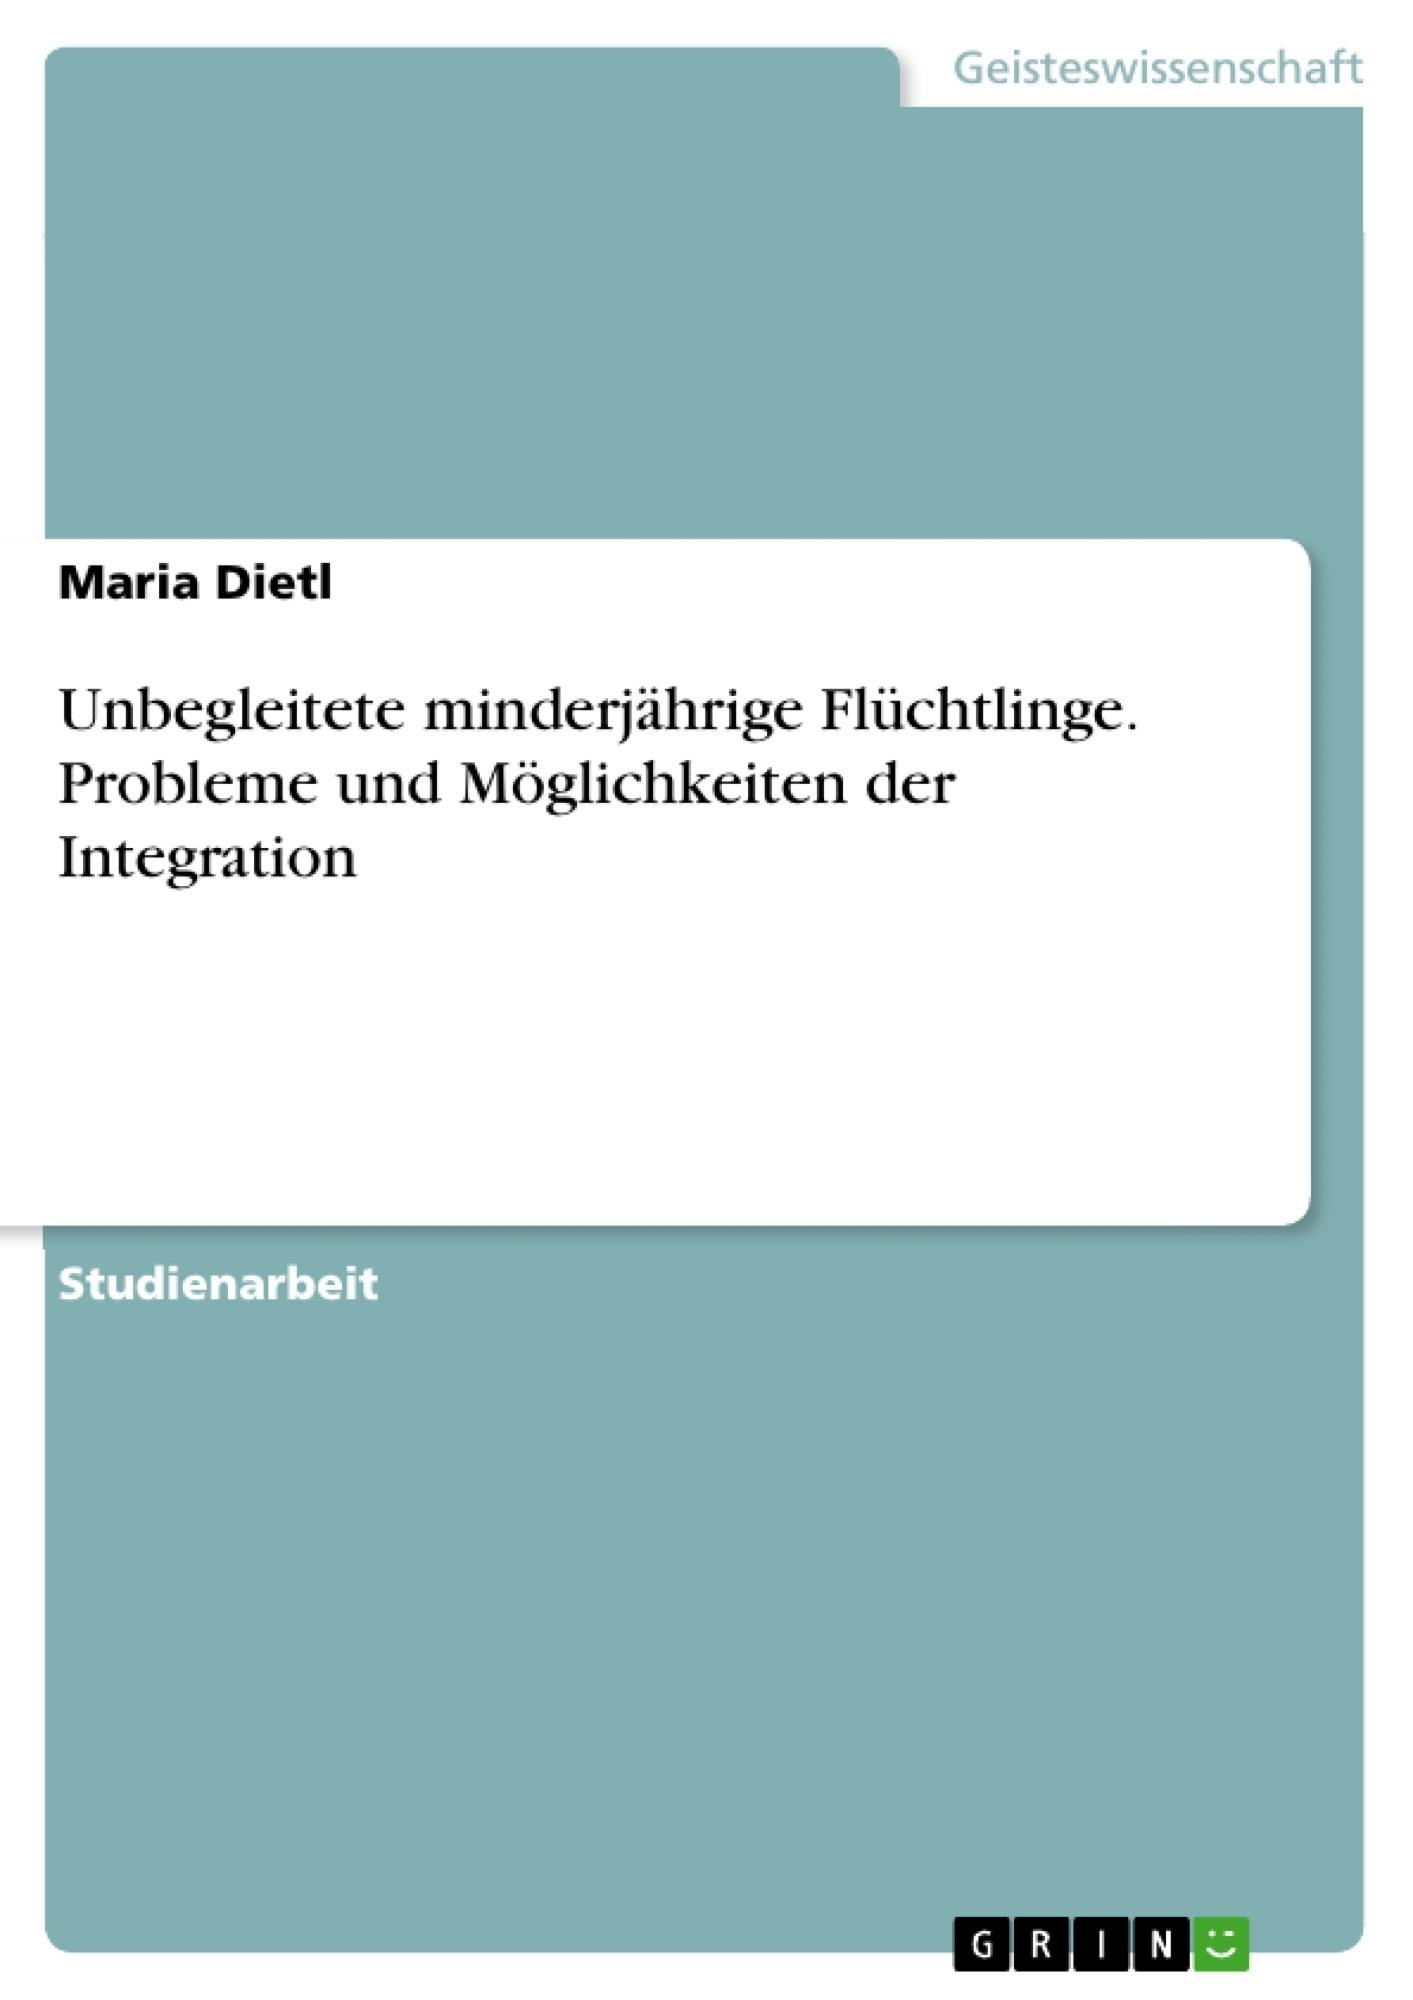 Titel: Unbegleitete minderjährige Flüchtlinge. Probleme und Möglichkeiten der Integration